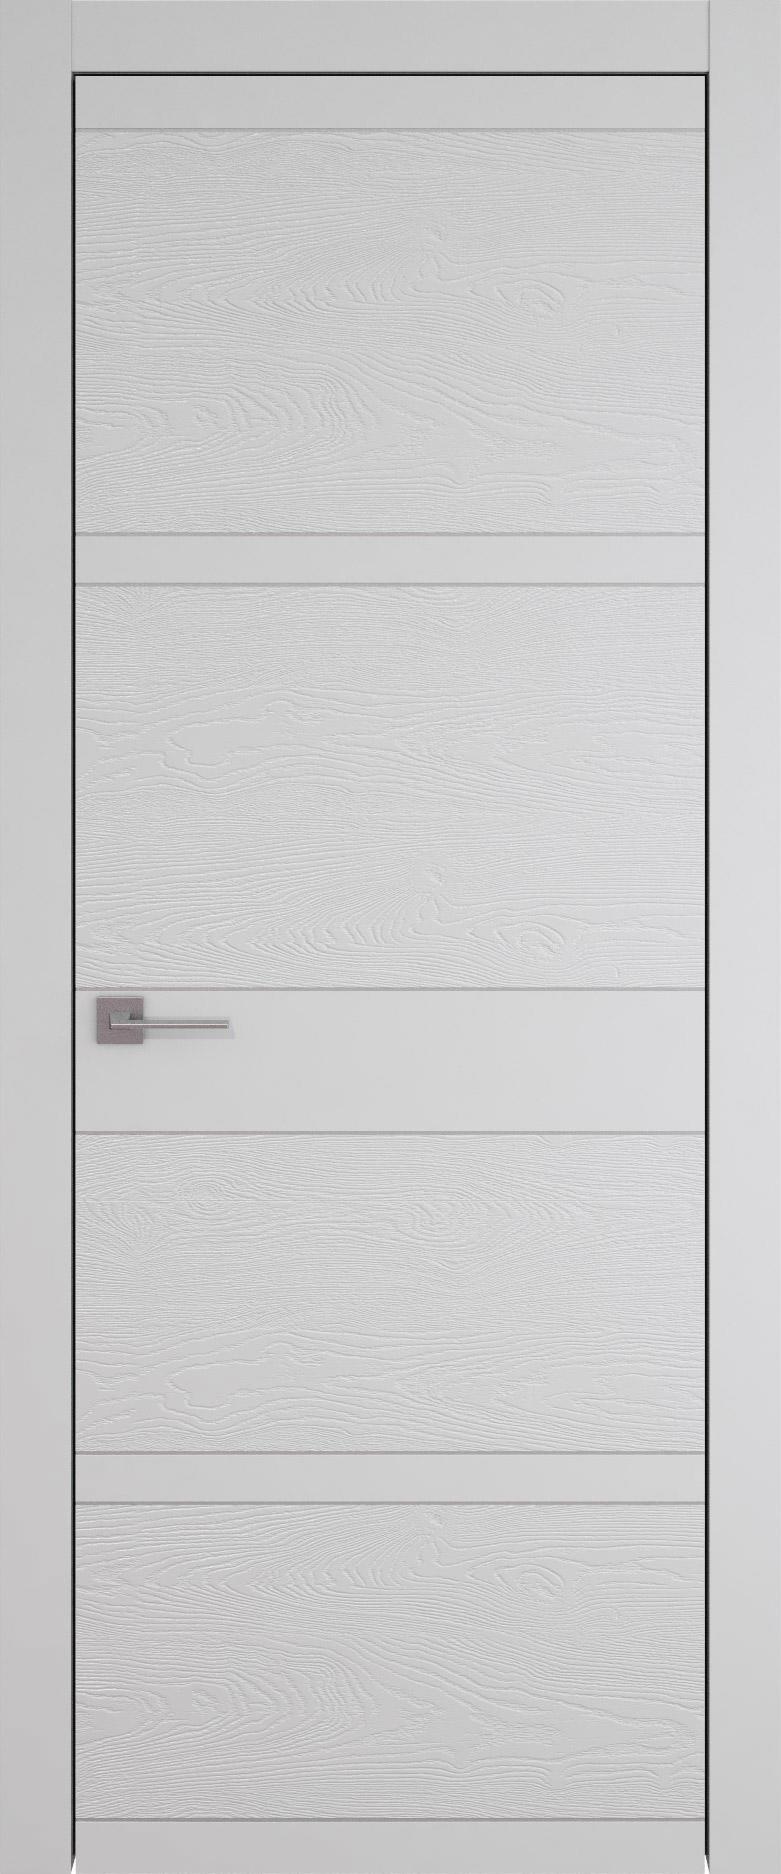 Tivoli Е-2 цвет - Серая эмаль-эмаль по шпону (RAL 7047) Без стекла (ДГ)